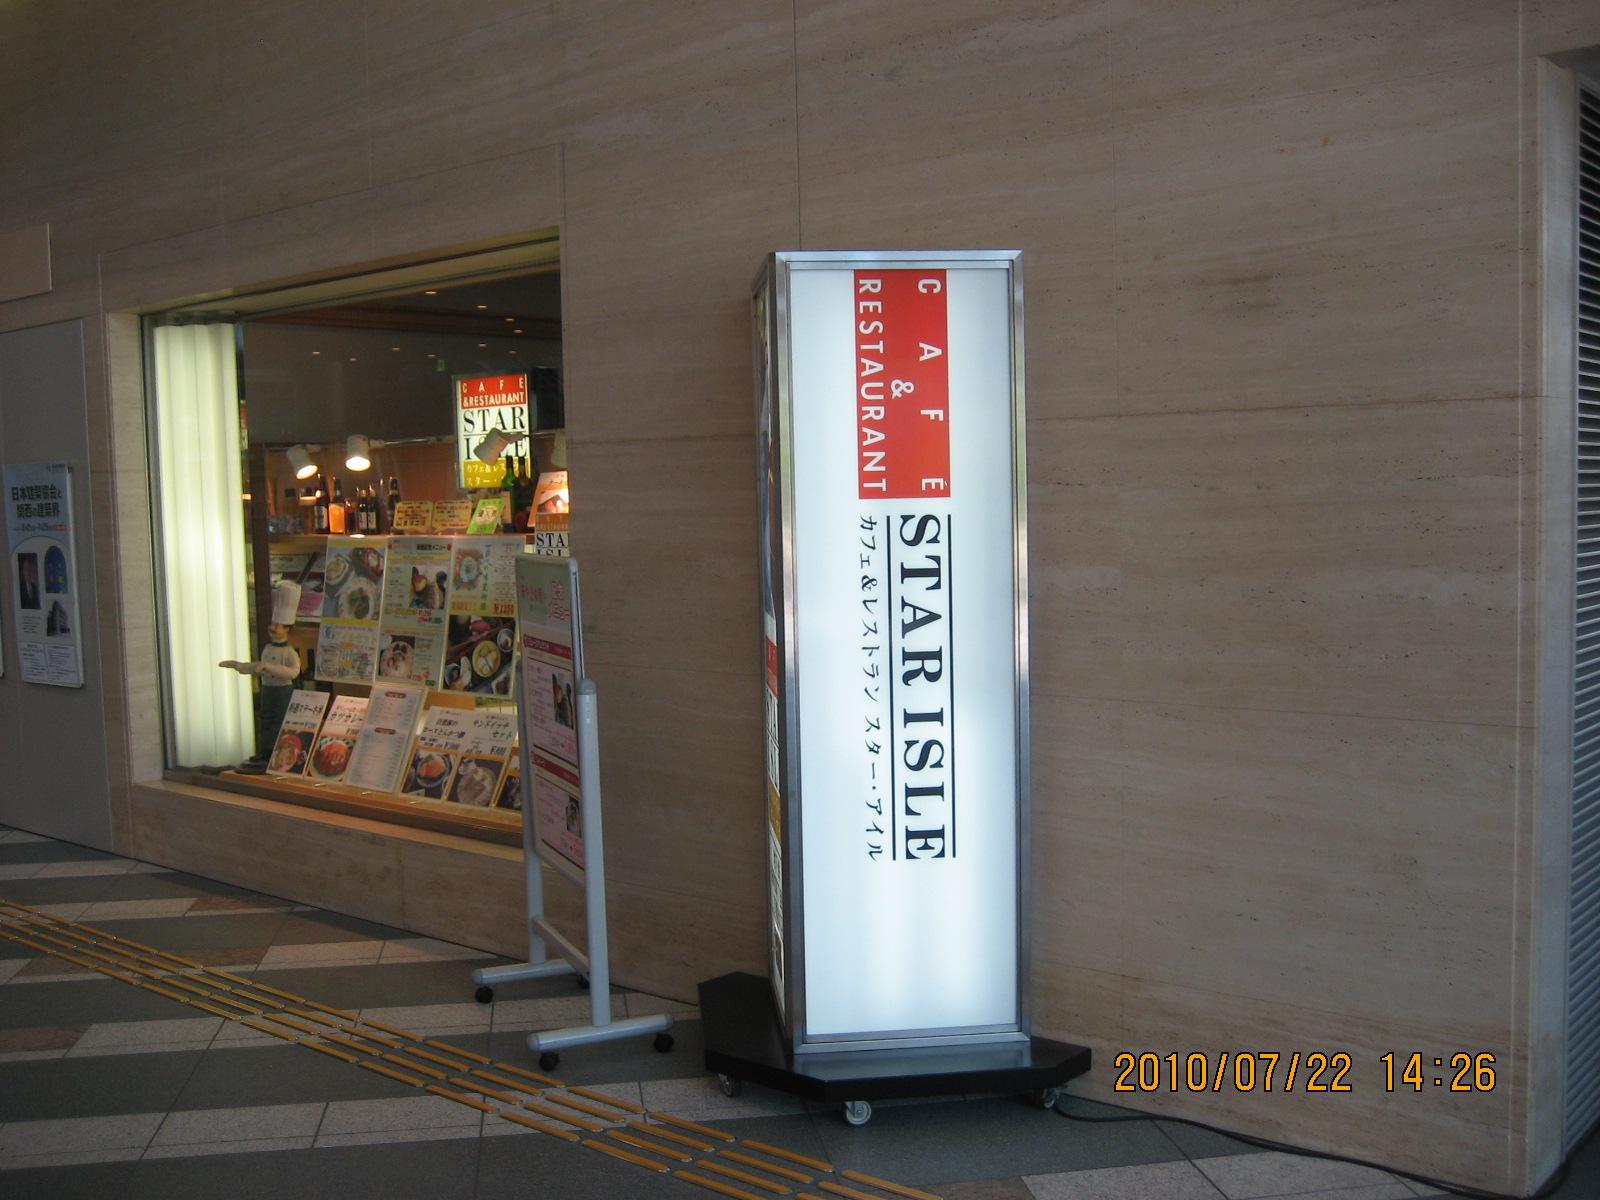 スターアイル 大阪歴史博物館店